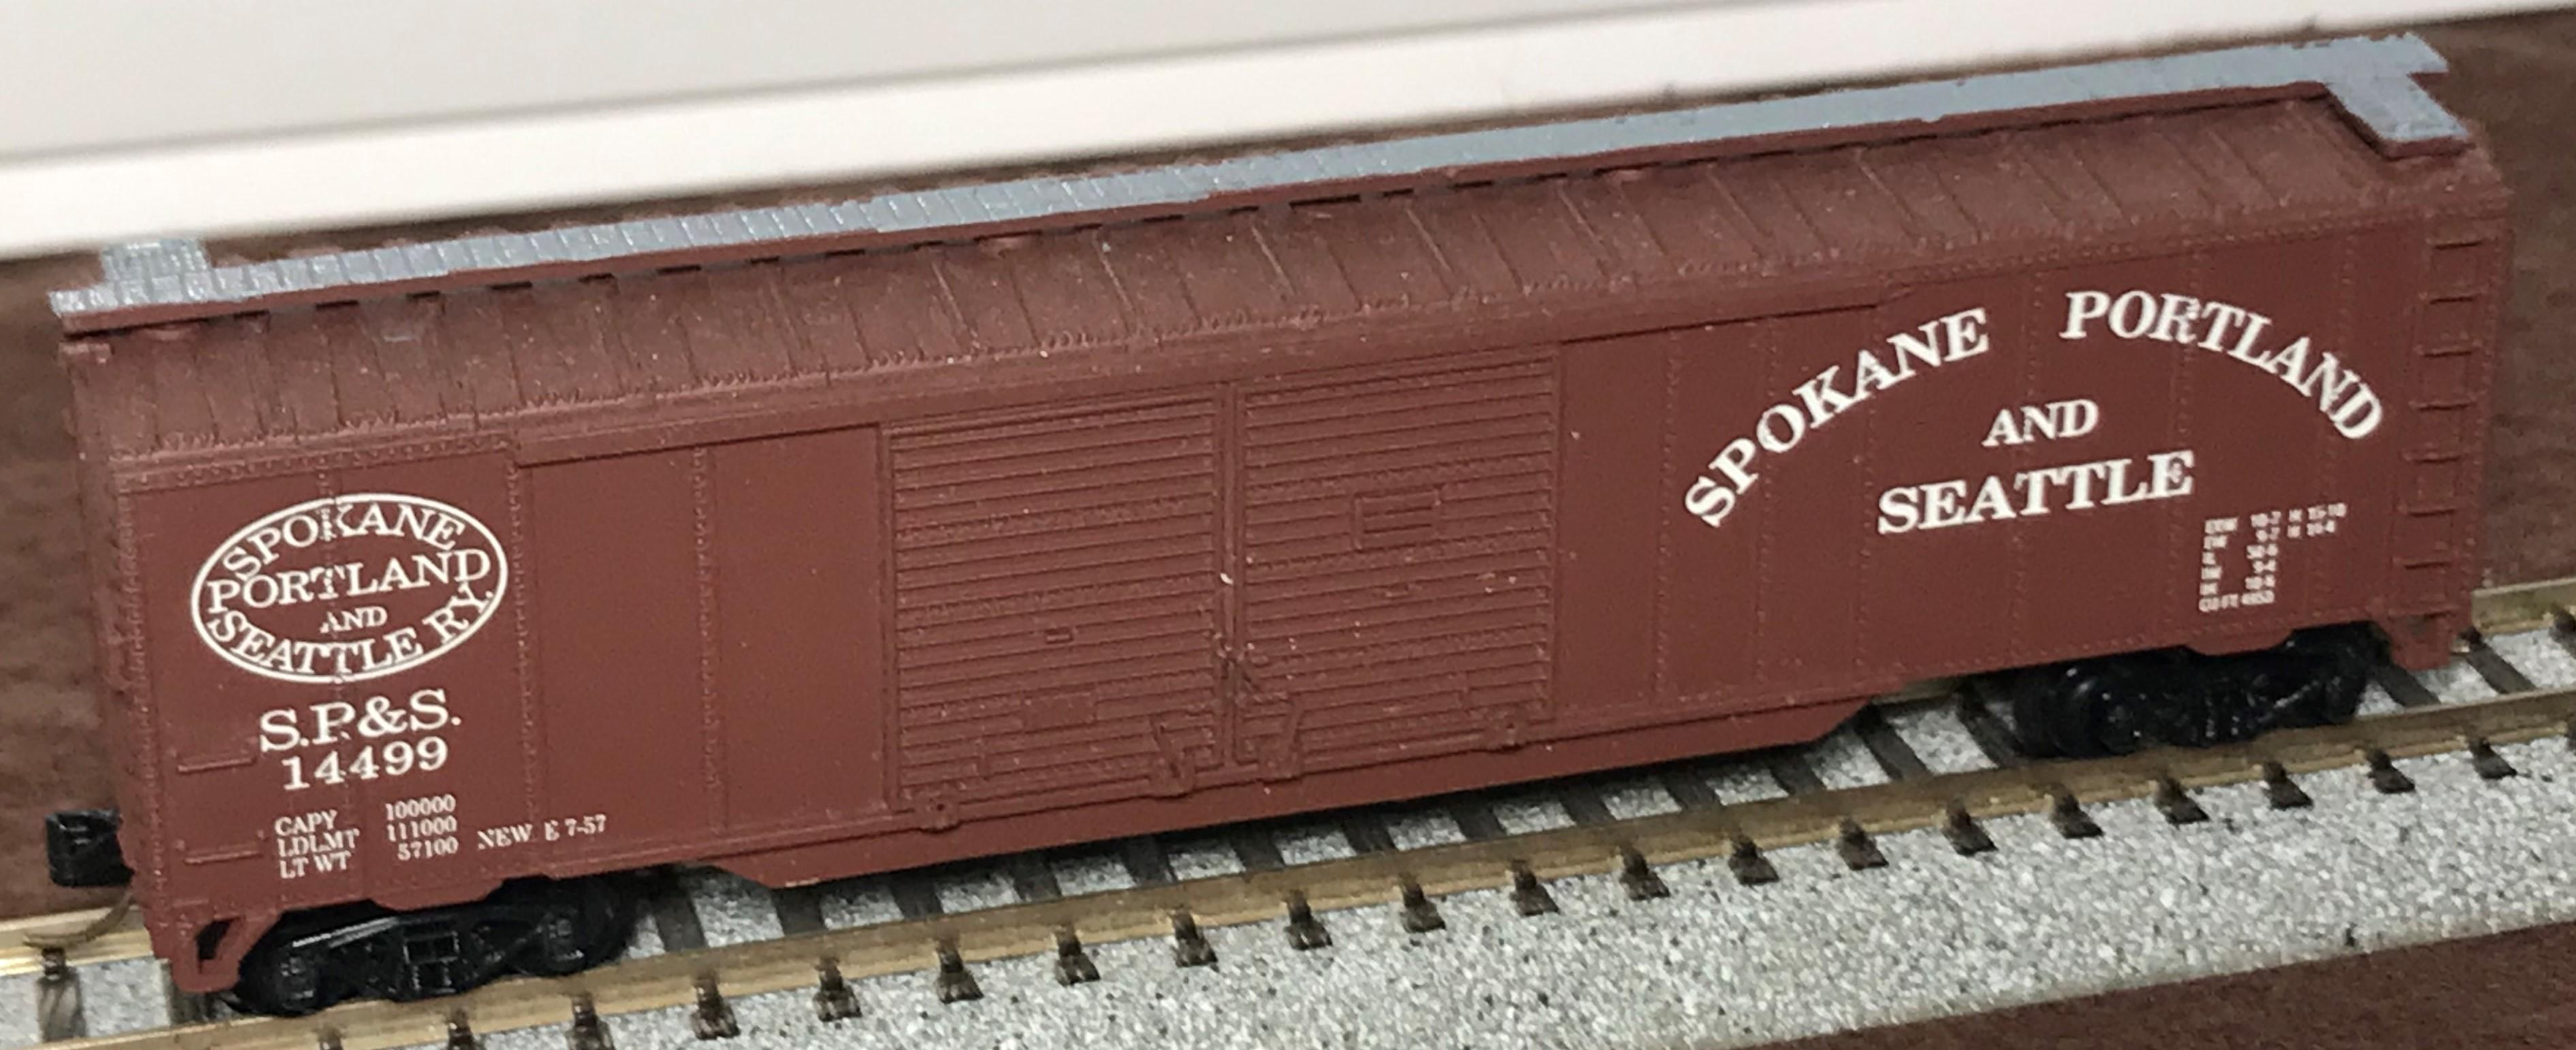 N Scale - Aztec - PCS2026-2 - Boxcar, 50 Foot, Steel, Double Door - Spokane Portland & Seattle - 14499